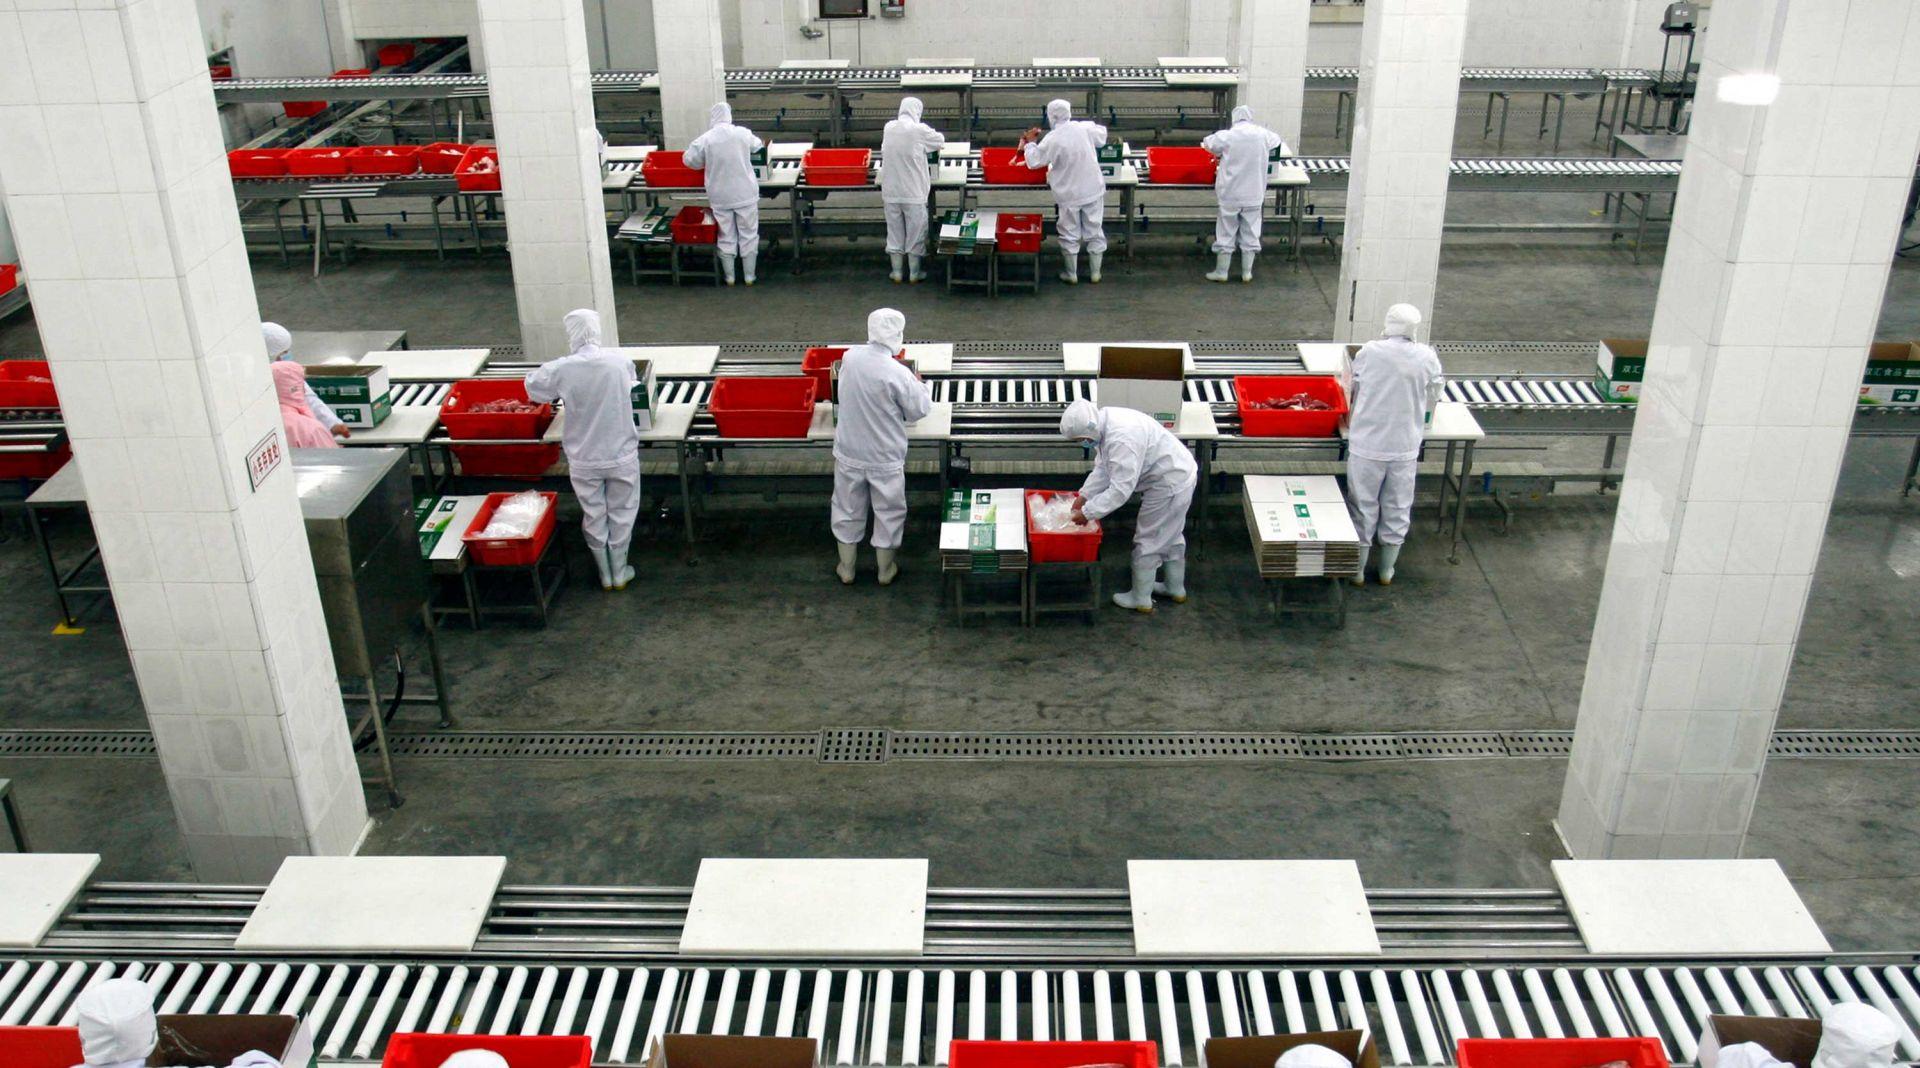 大力扶持私营企业有助于中国经济复苏